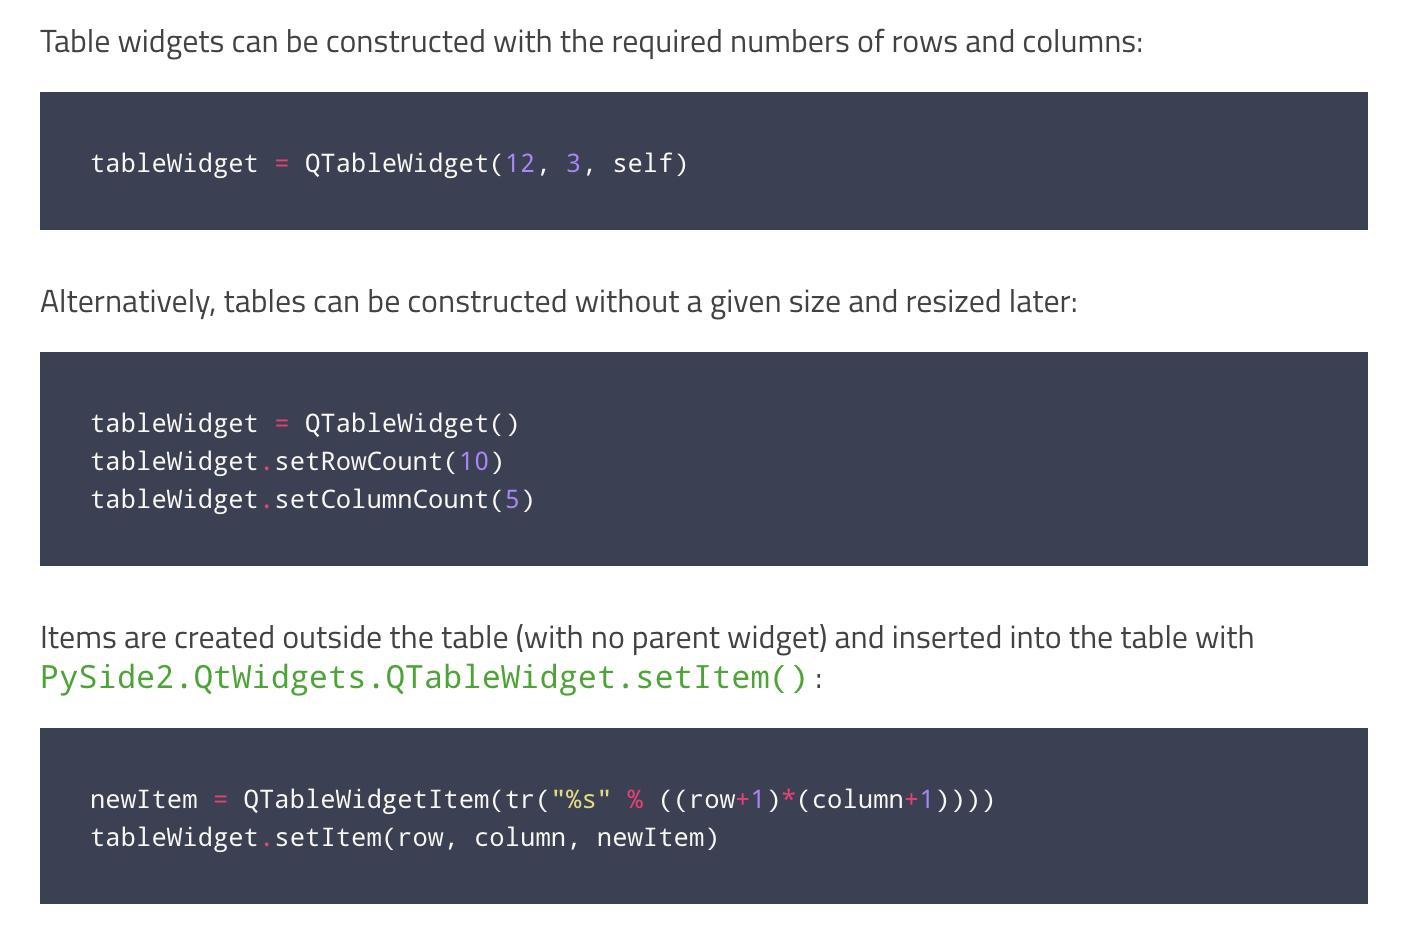 Houdini+ローカルDB〜Qt+SQLiteを使った簡易システム構築〜 - Qiita